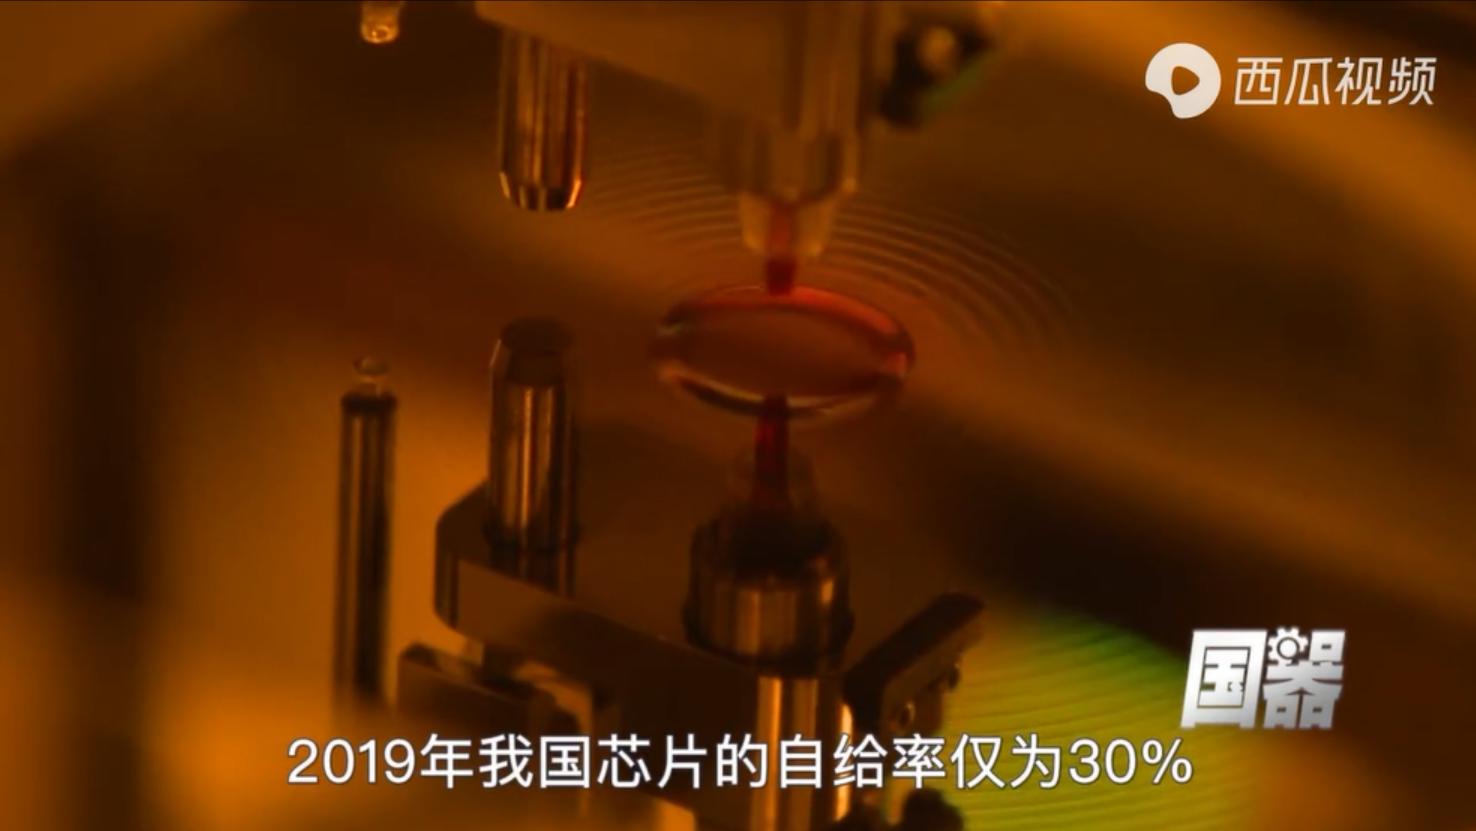 存储芯片 技术围堵